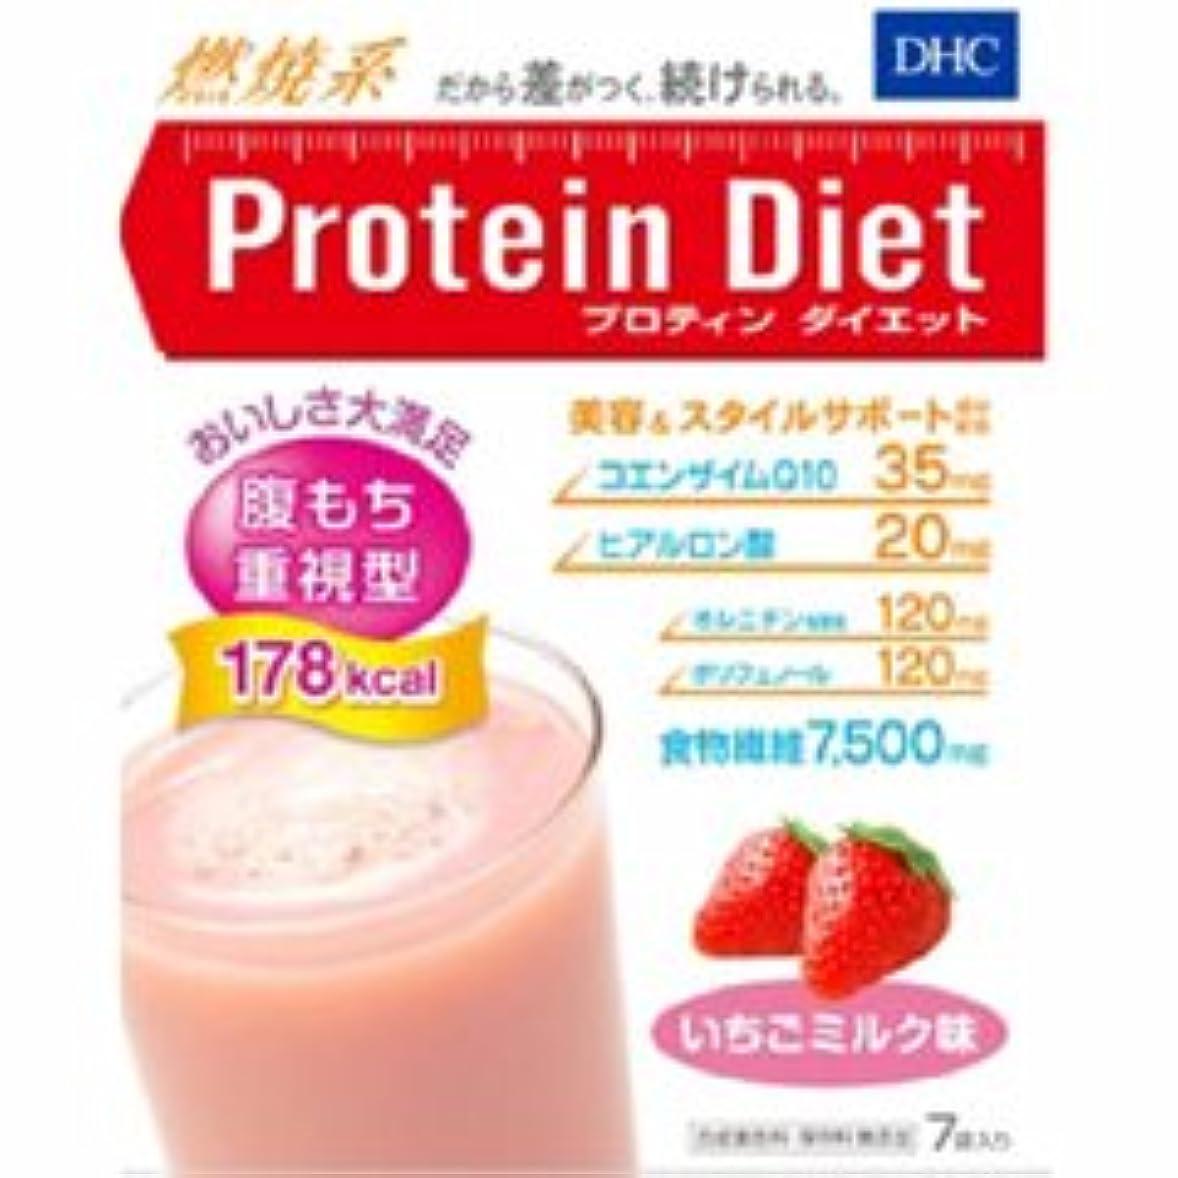 スパイラル線設置DHCの健康食品 プロティンダイエット いちごミルク味 50g×7袋 【DHC】